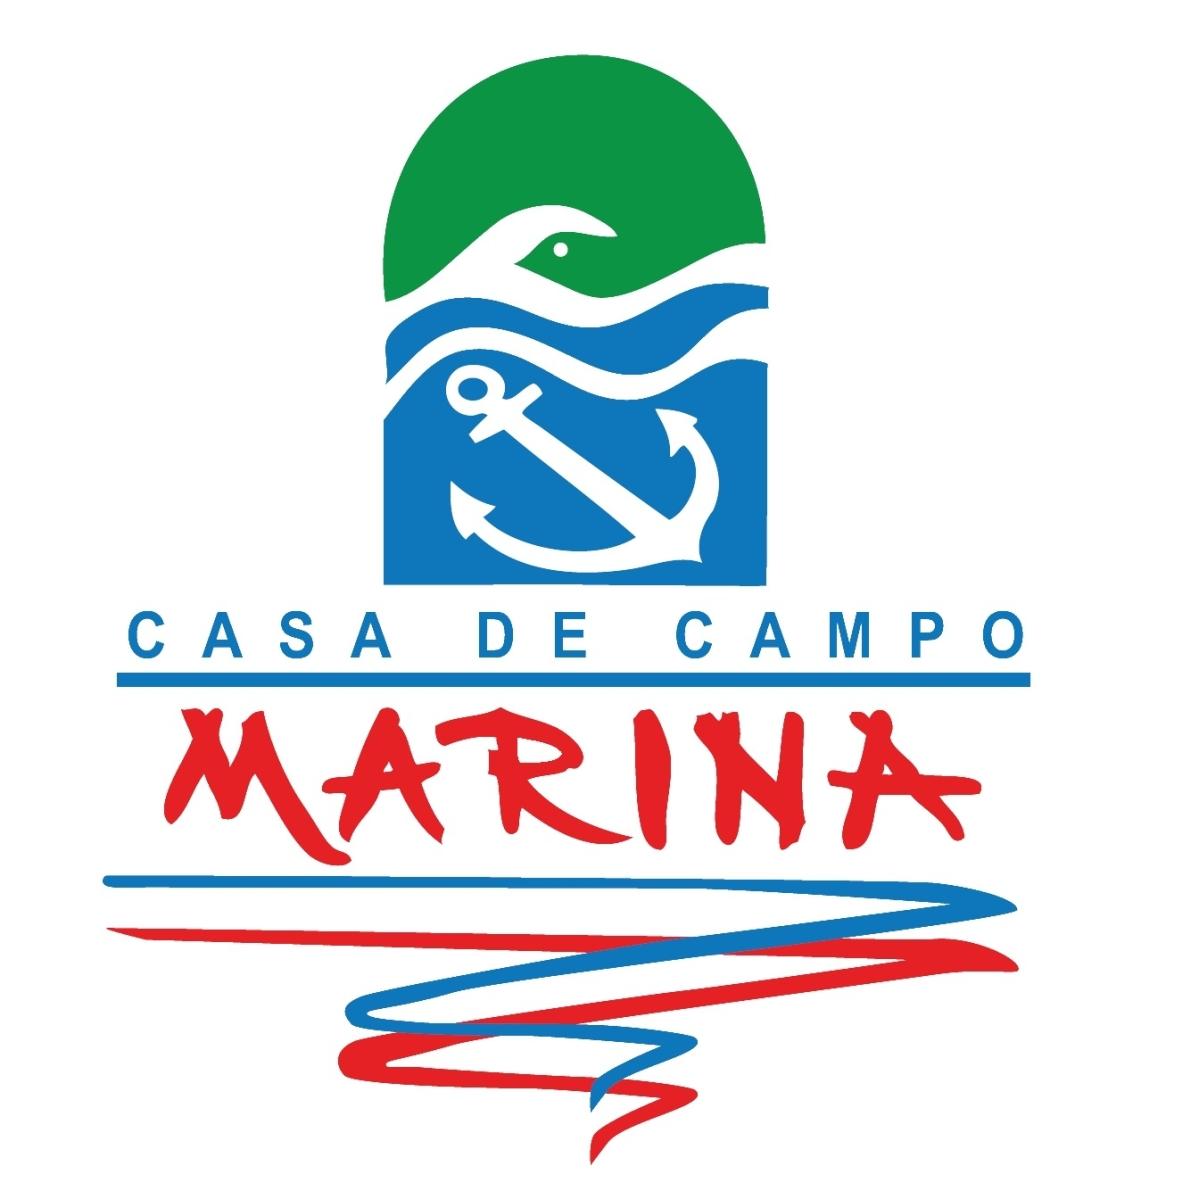 Calendario de actividades marina casa de campo marina - Casa del campo ...